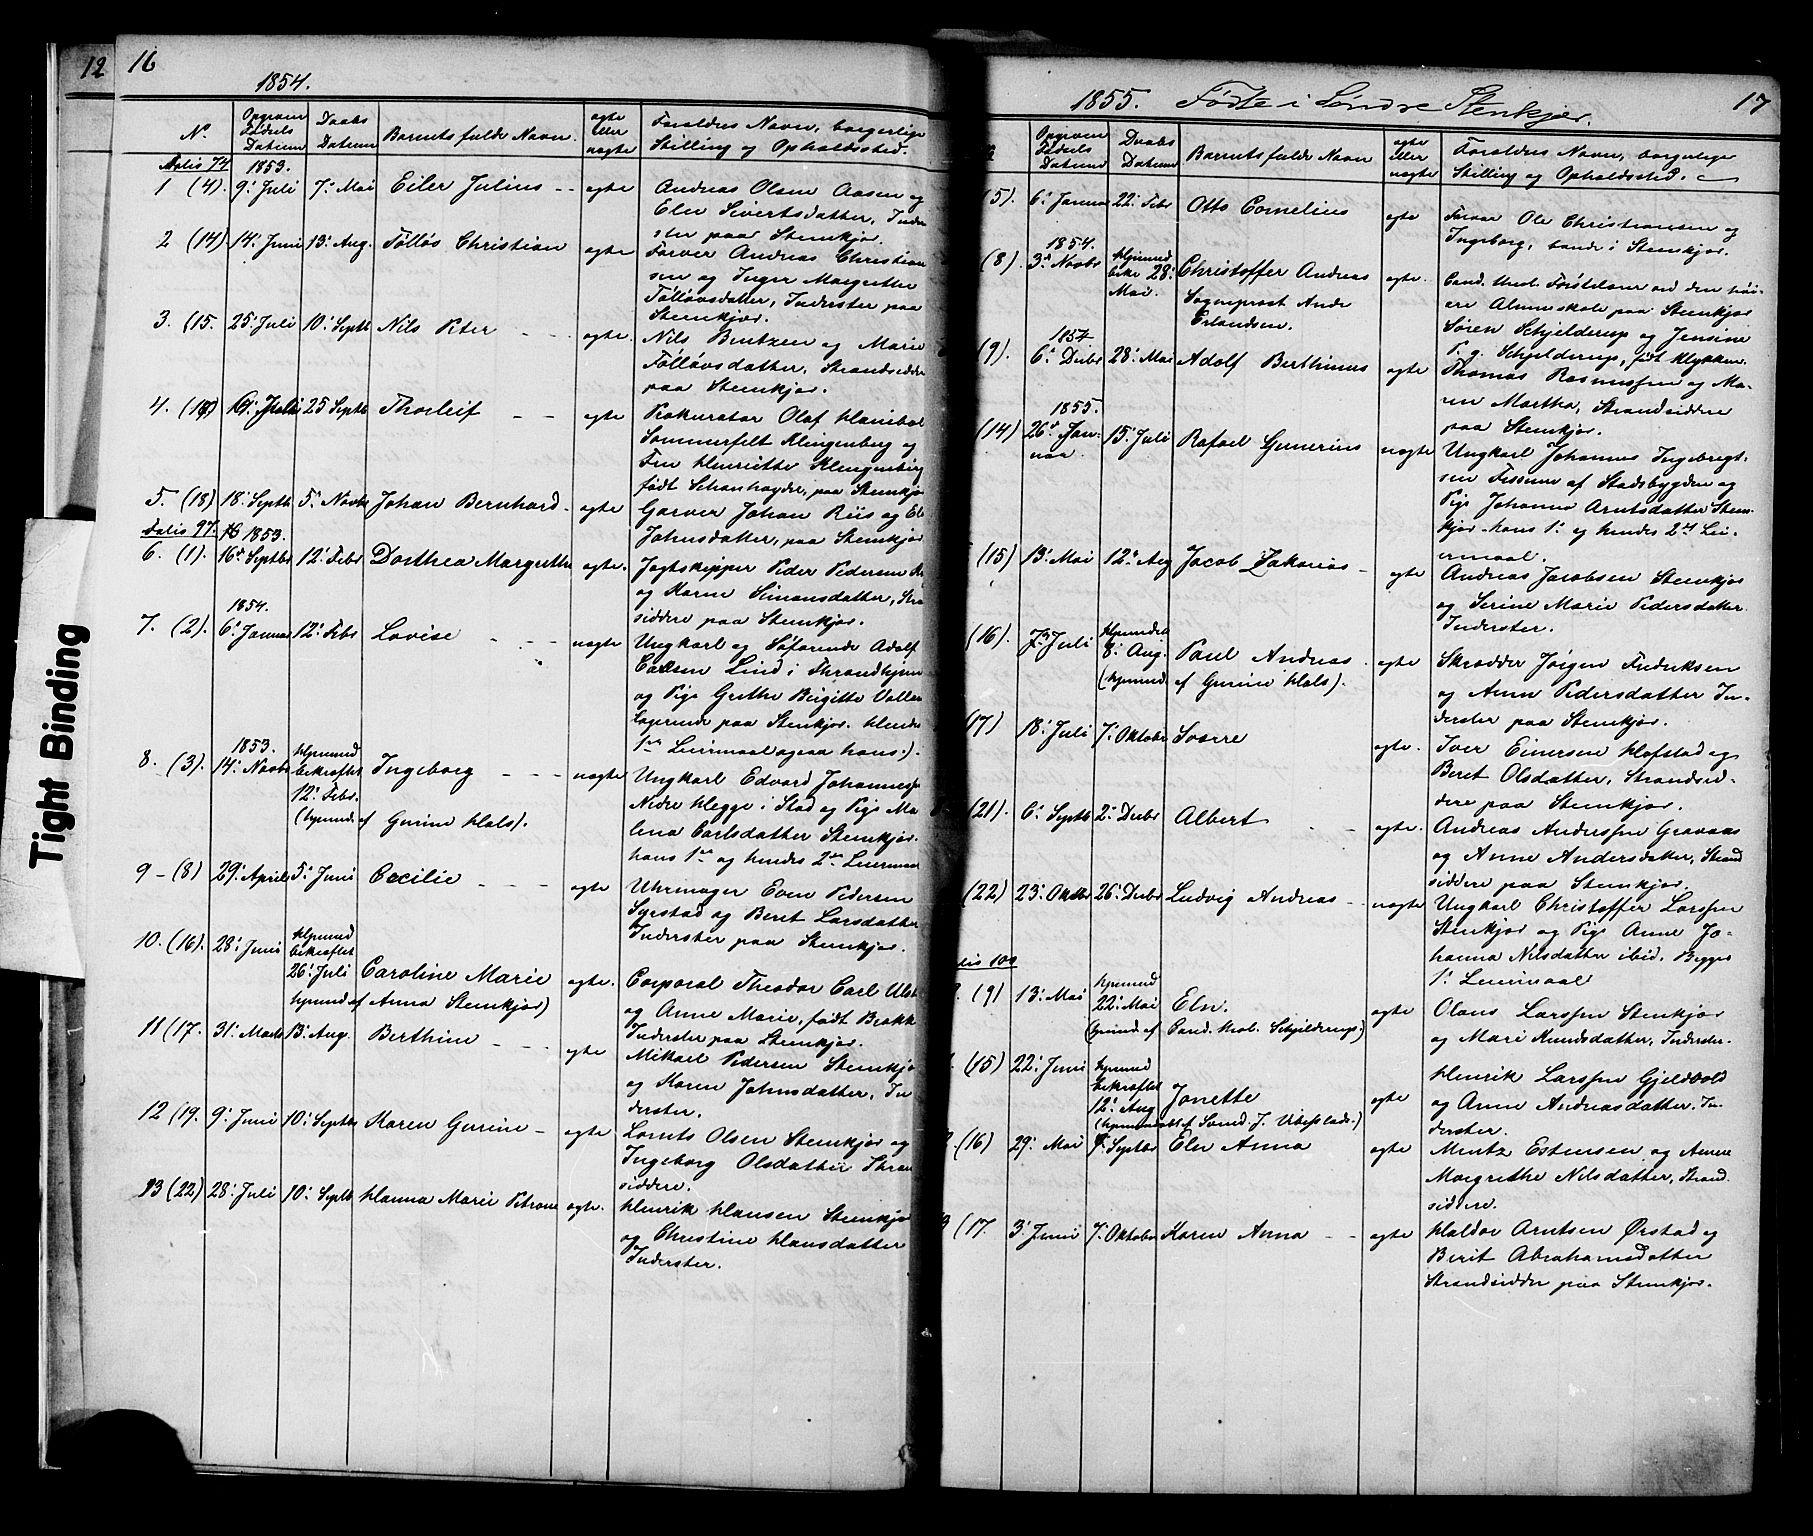 SAT, Ministerialprotokoller, klokkerbøker og fødselsregistre - Nord-Trøndelag, 739/L0367: Ministerialbok nr. 739A01 /1, 1838-1868, s. 16-17